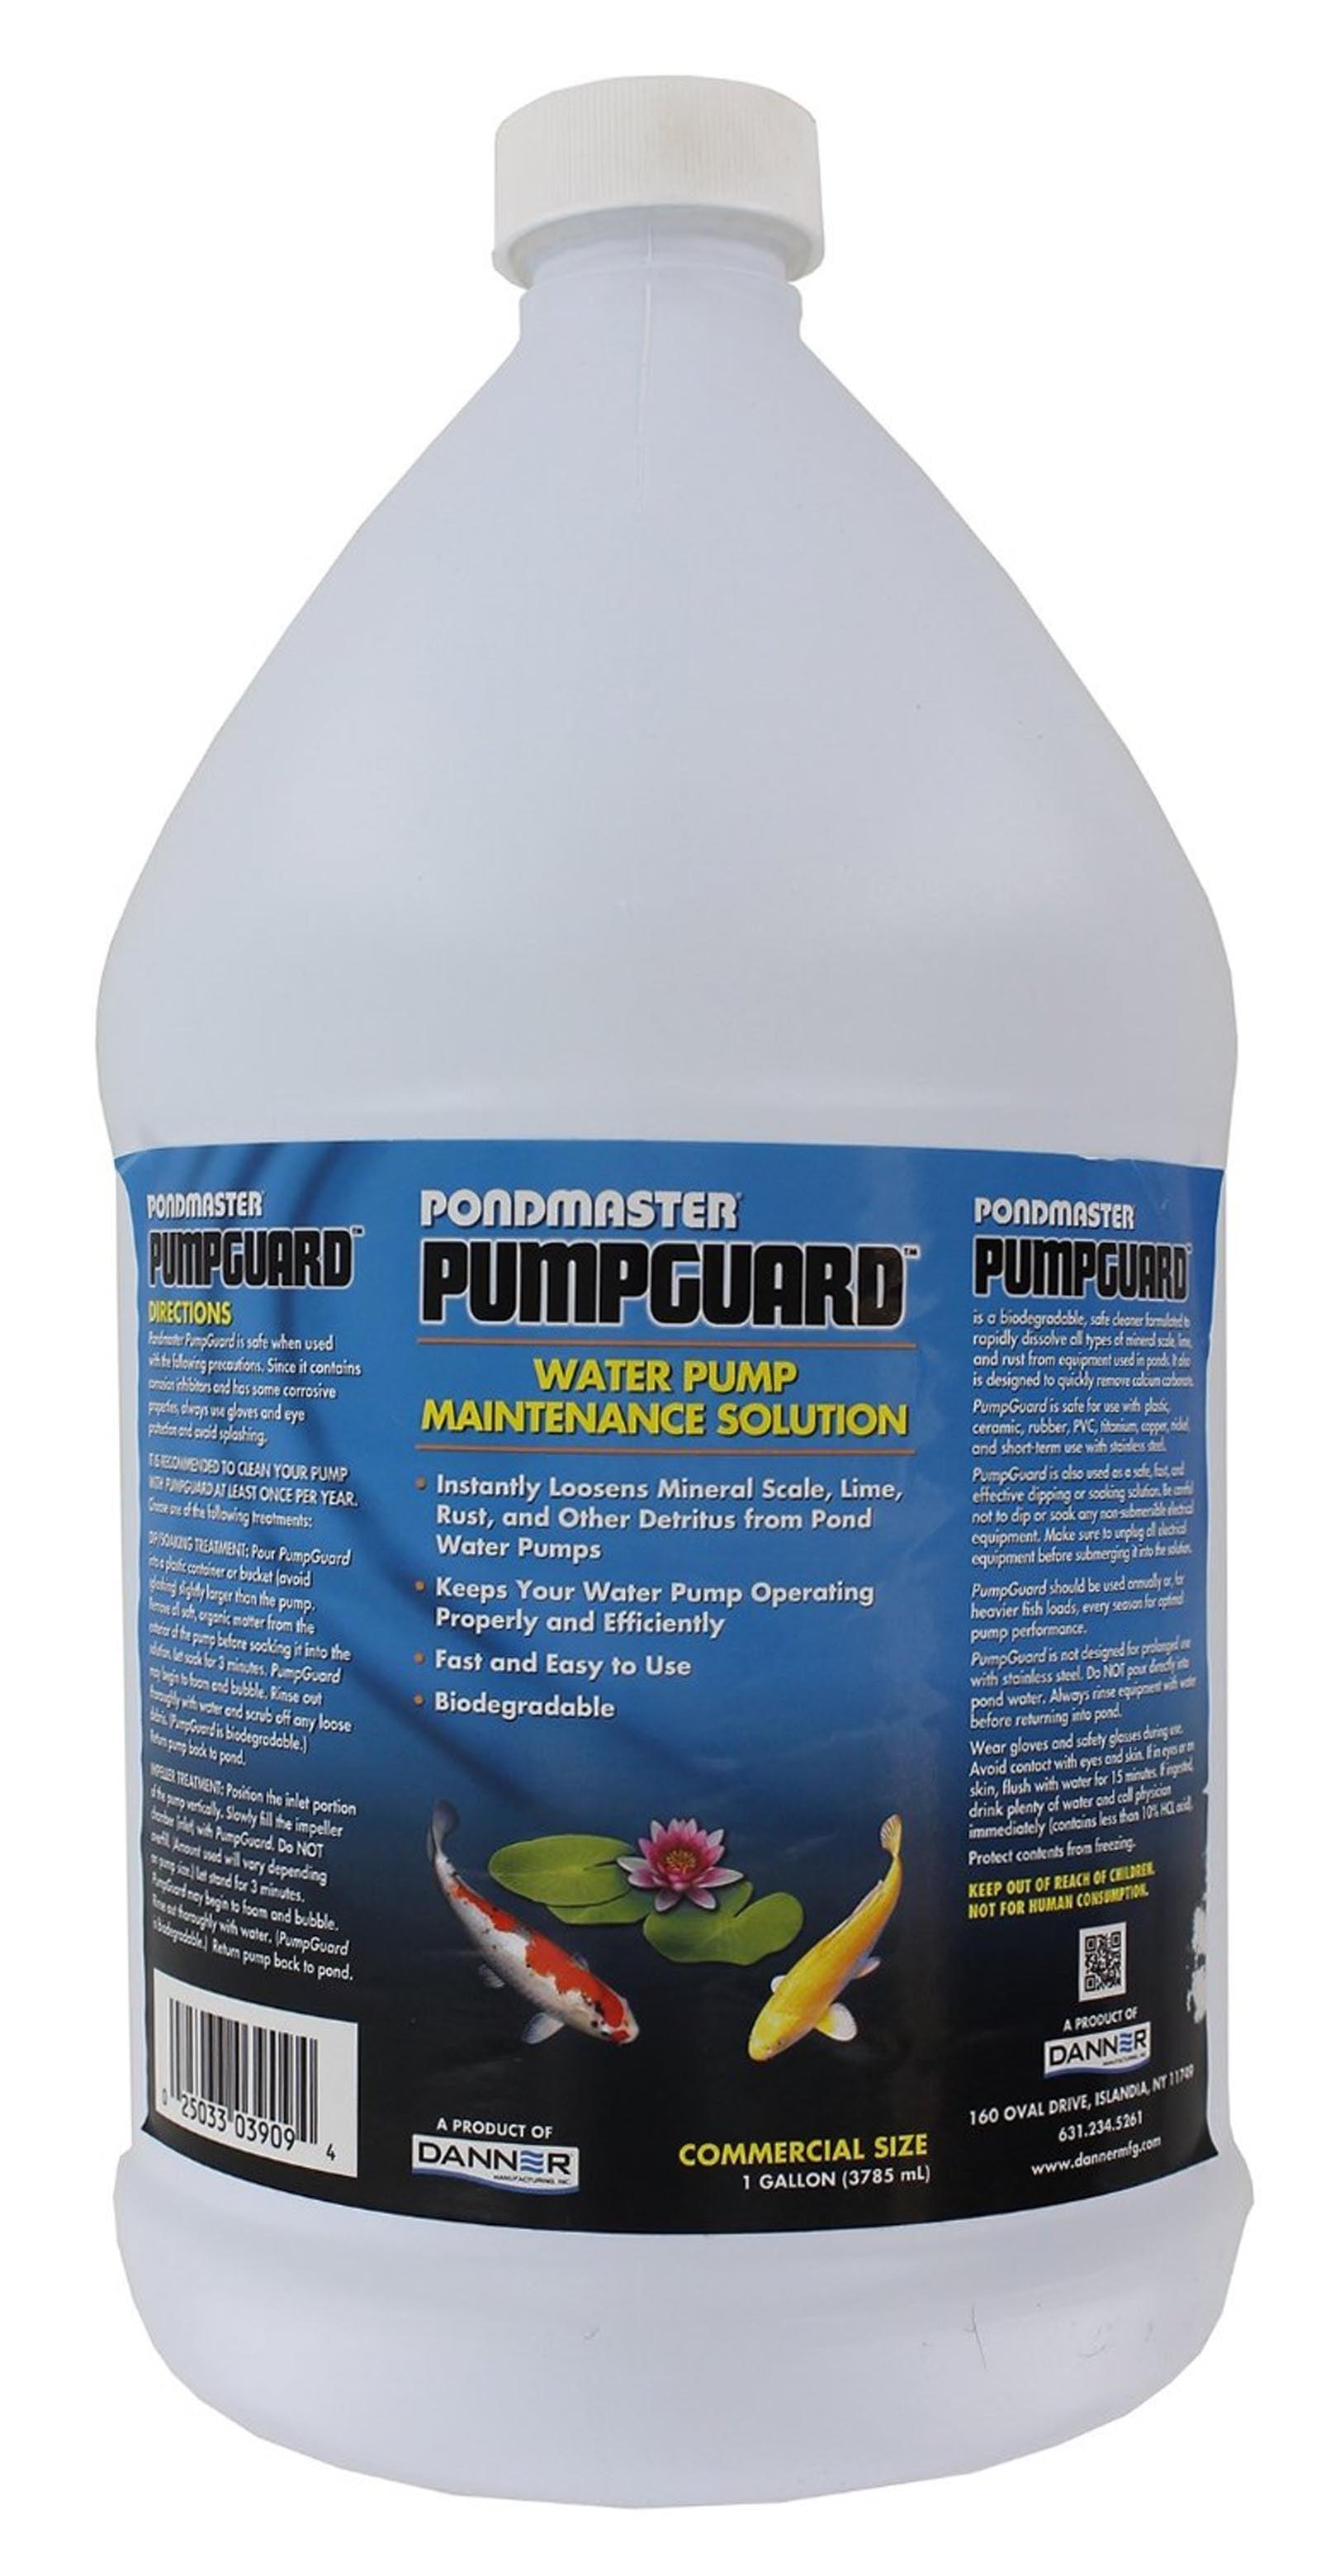 Pondmaster PumpGuard 03909 Garden Pond Water Pump Maintenance Solution | 128 oz. by